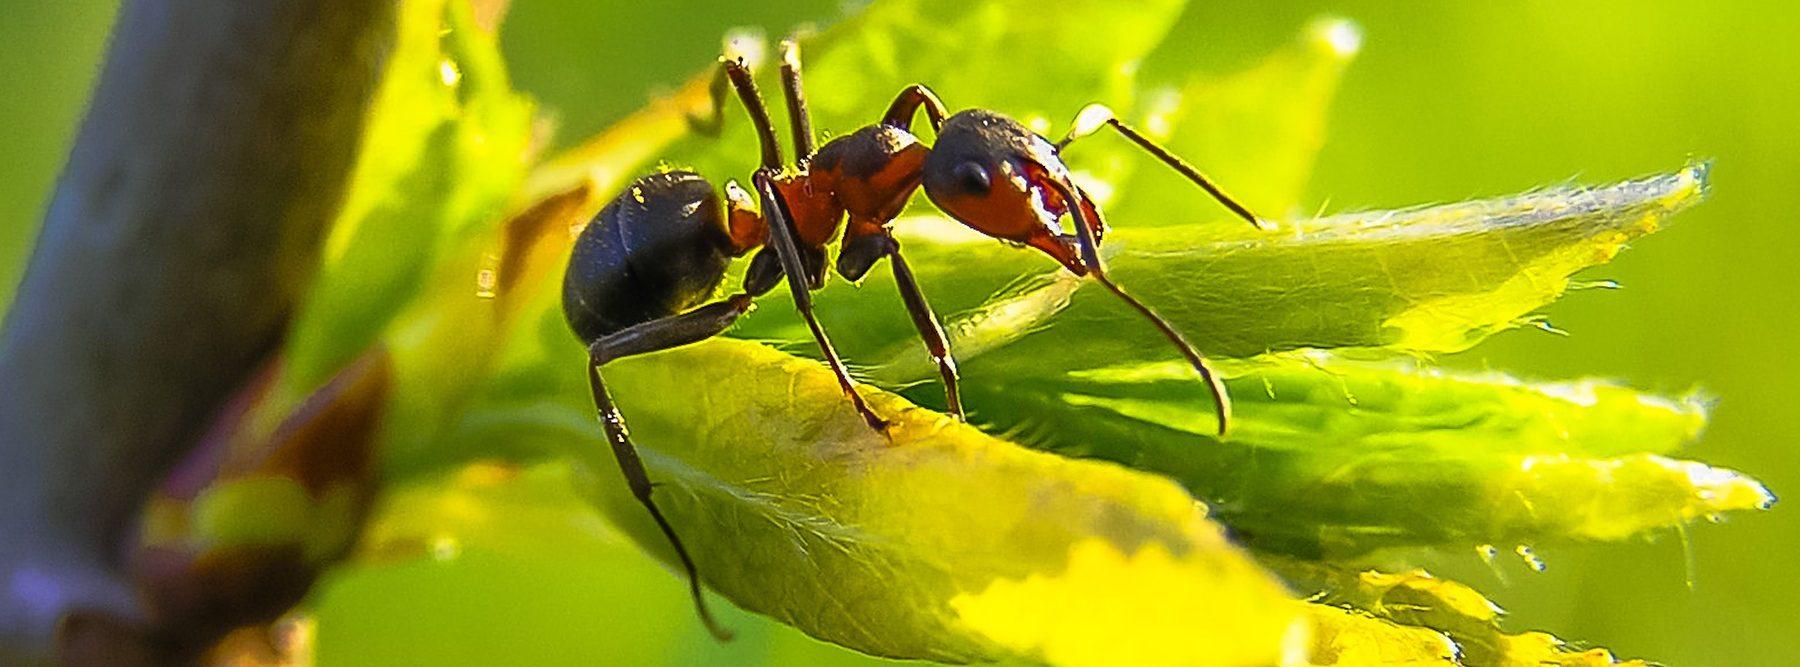 Los robots hormiga autónomos trabajan en equipo para ayudar en misiones de rescate